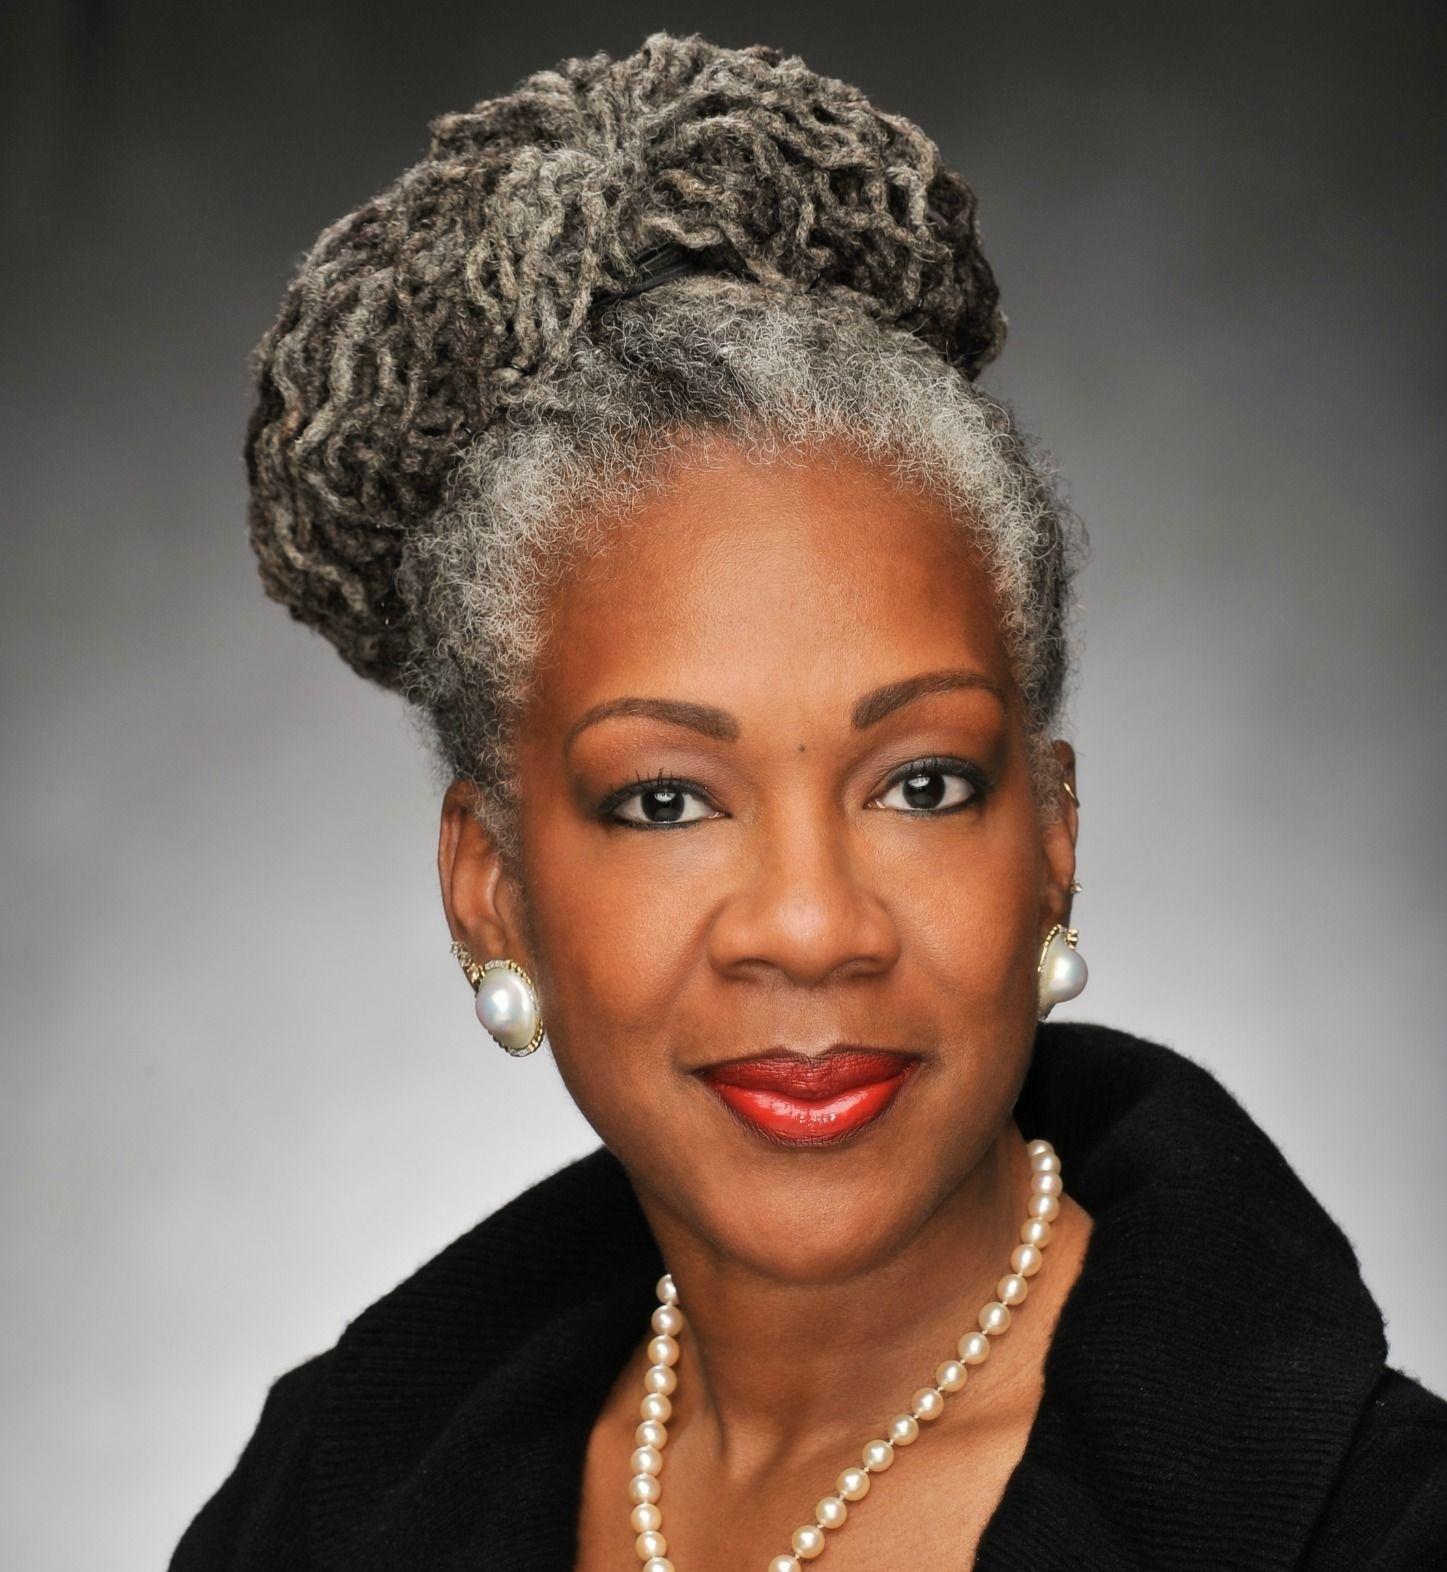 Grey African American Natural Hair - Wavy Haircut